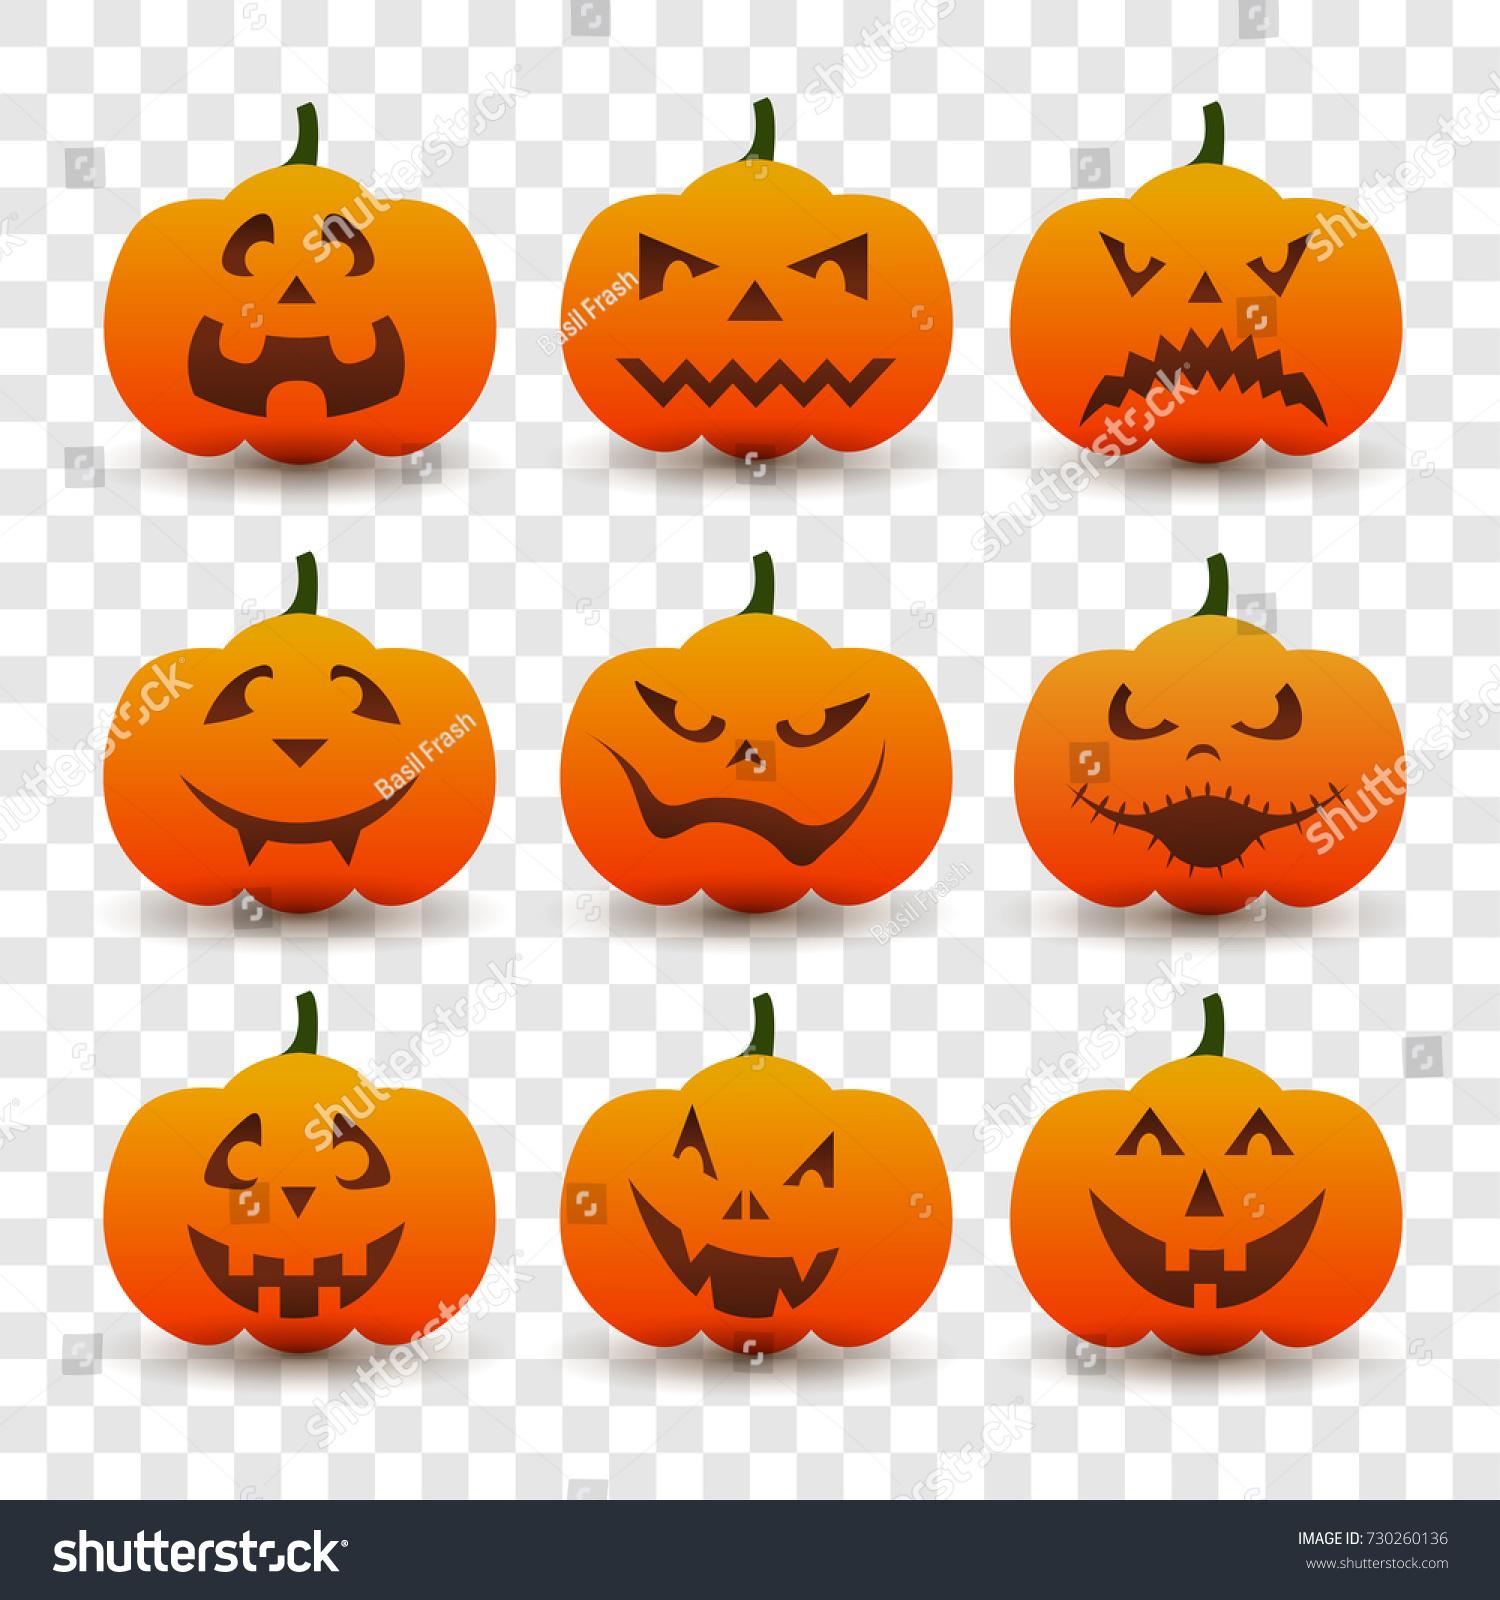 Halloween Pumpkin Vector Art.Halloween Pumpkin Vector Transparent Background Pumpkins